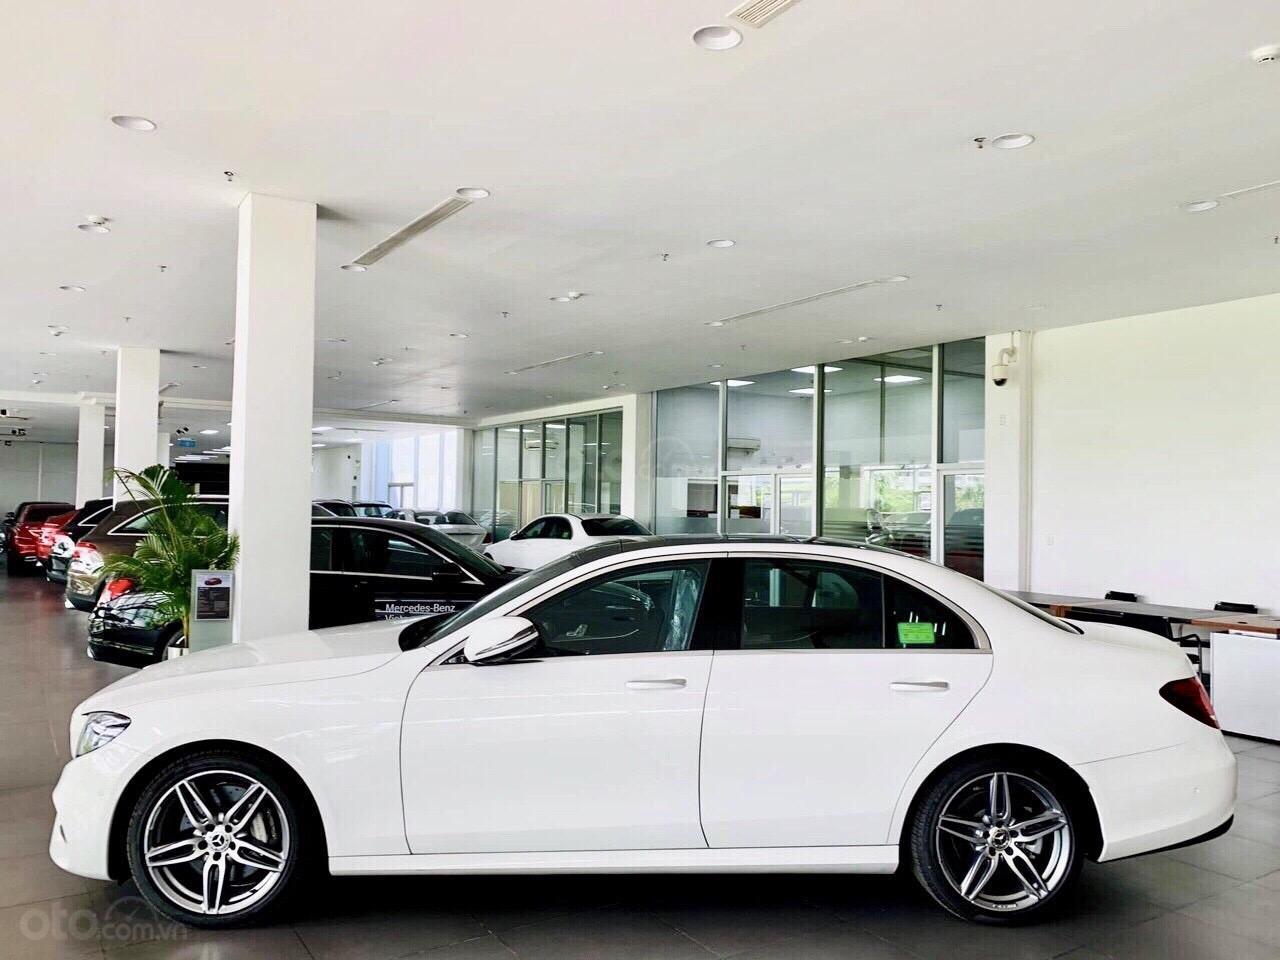 Bán Mercedes-Benz E300 AMG NEW- Hỗ trợ 100% TTB + hỗ trợ Bank 80%, trả trước 799 triệu nhận xe  (3)